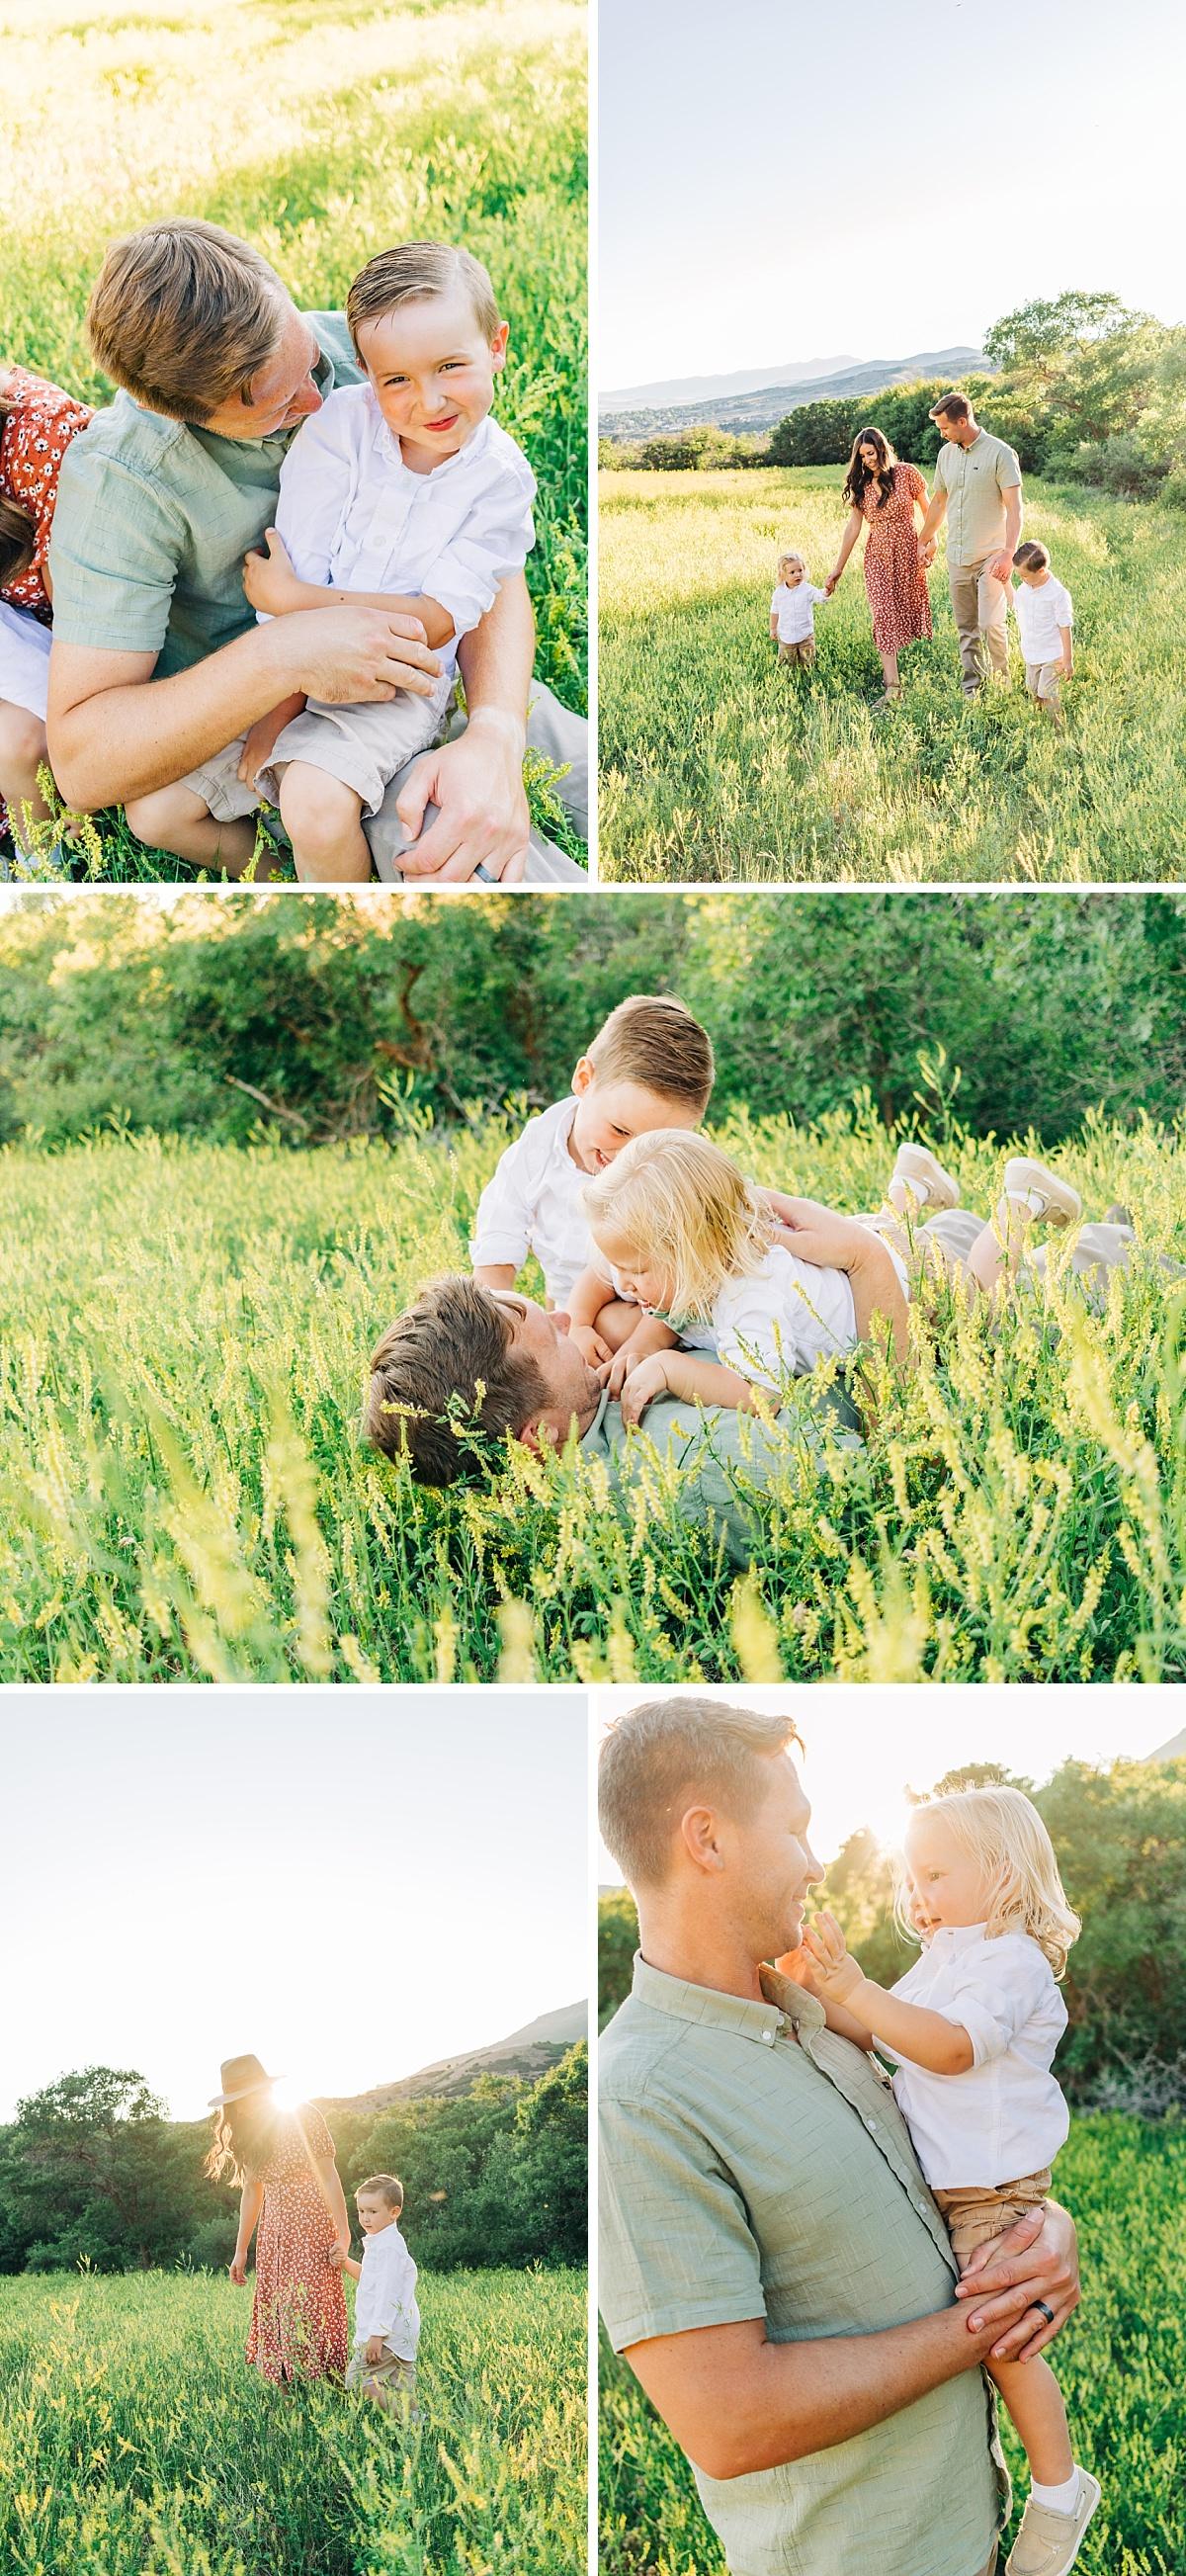 UTAH SUMMER FAMILY PICTURES | UTAH FAMILY PHOTOGRAPHER